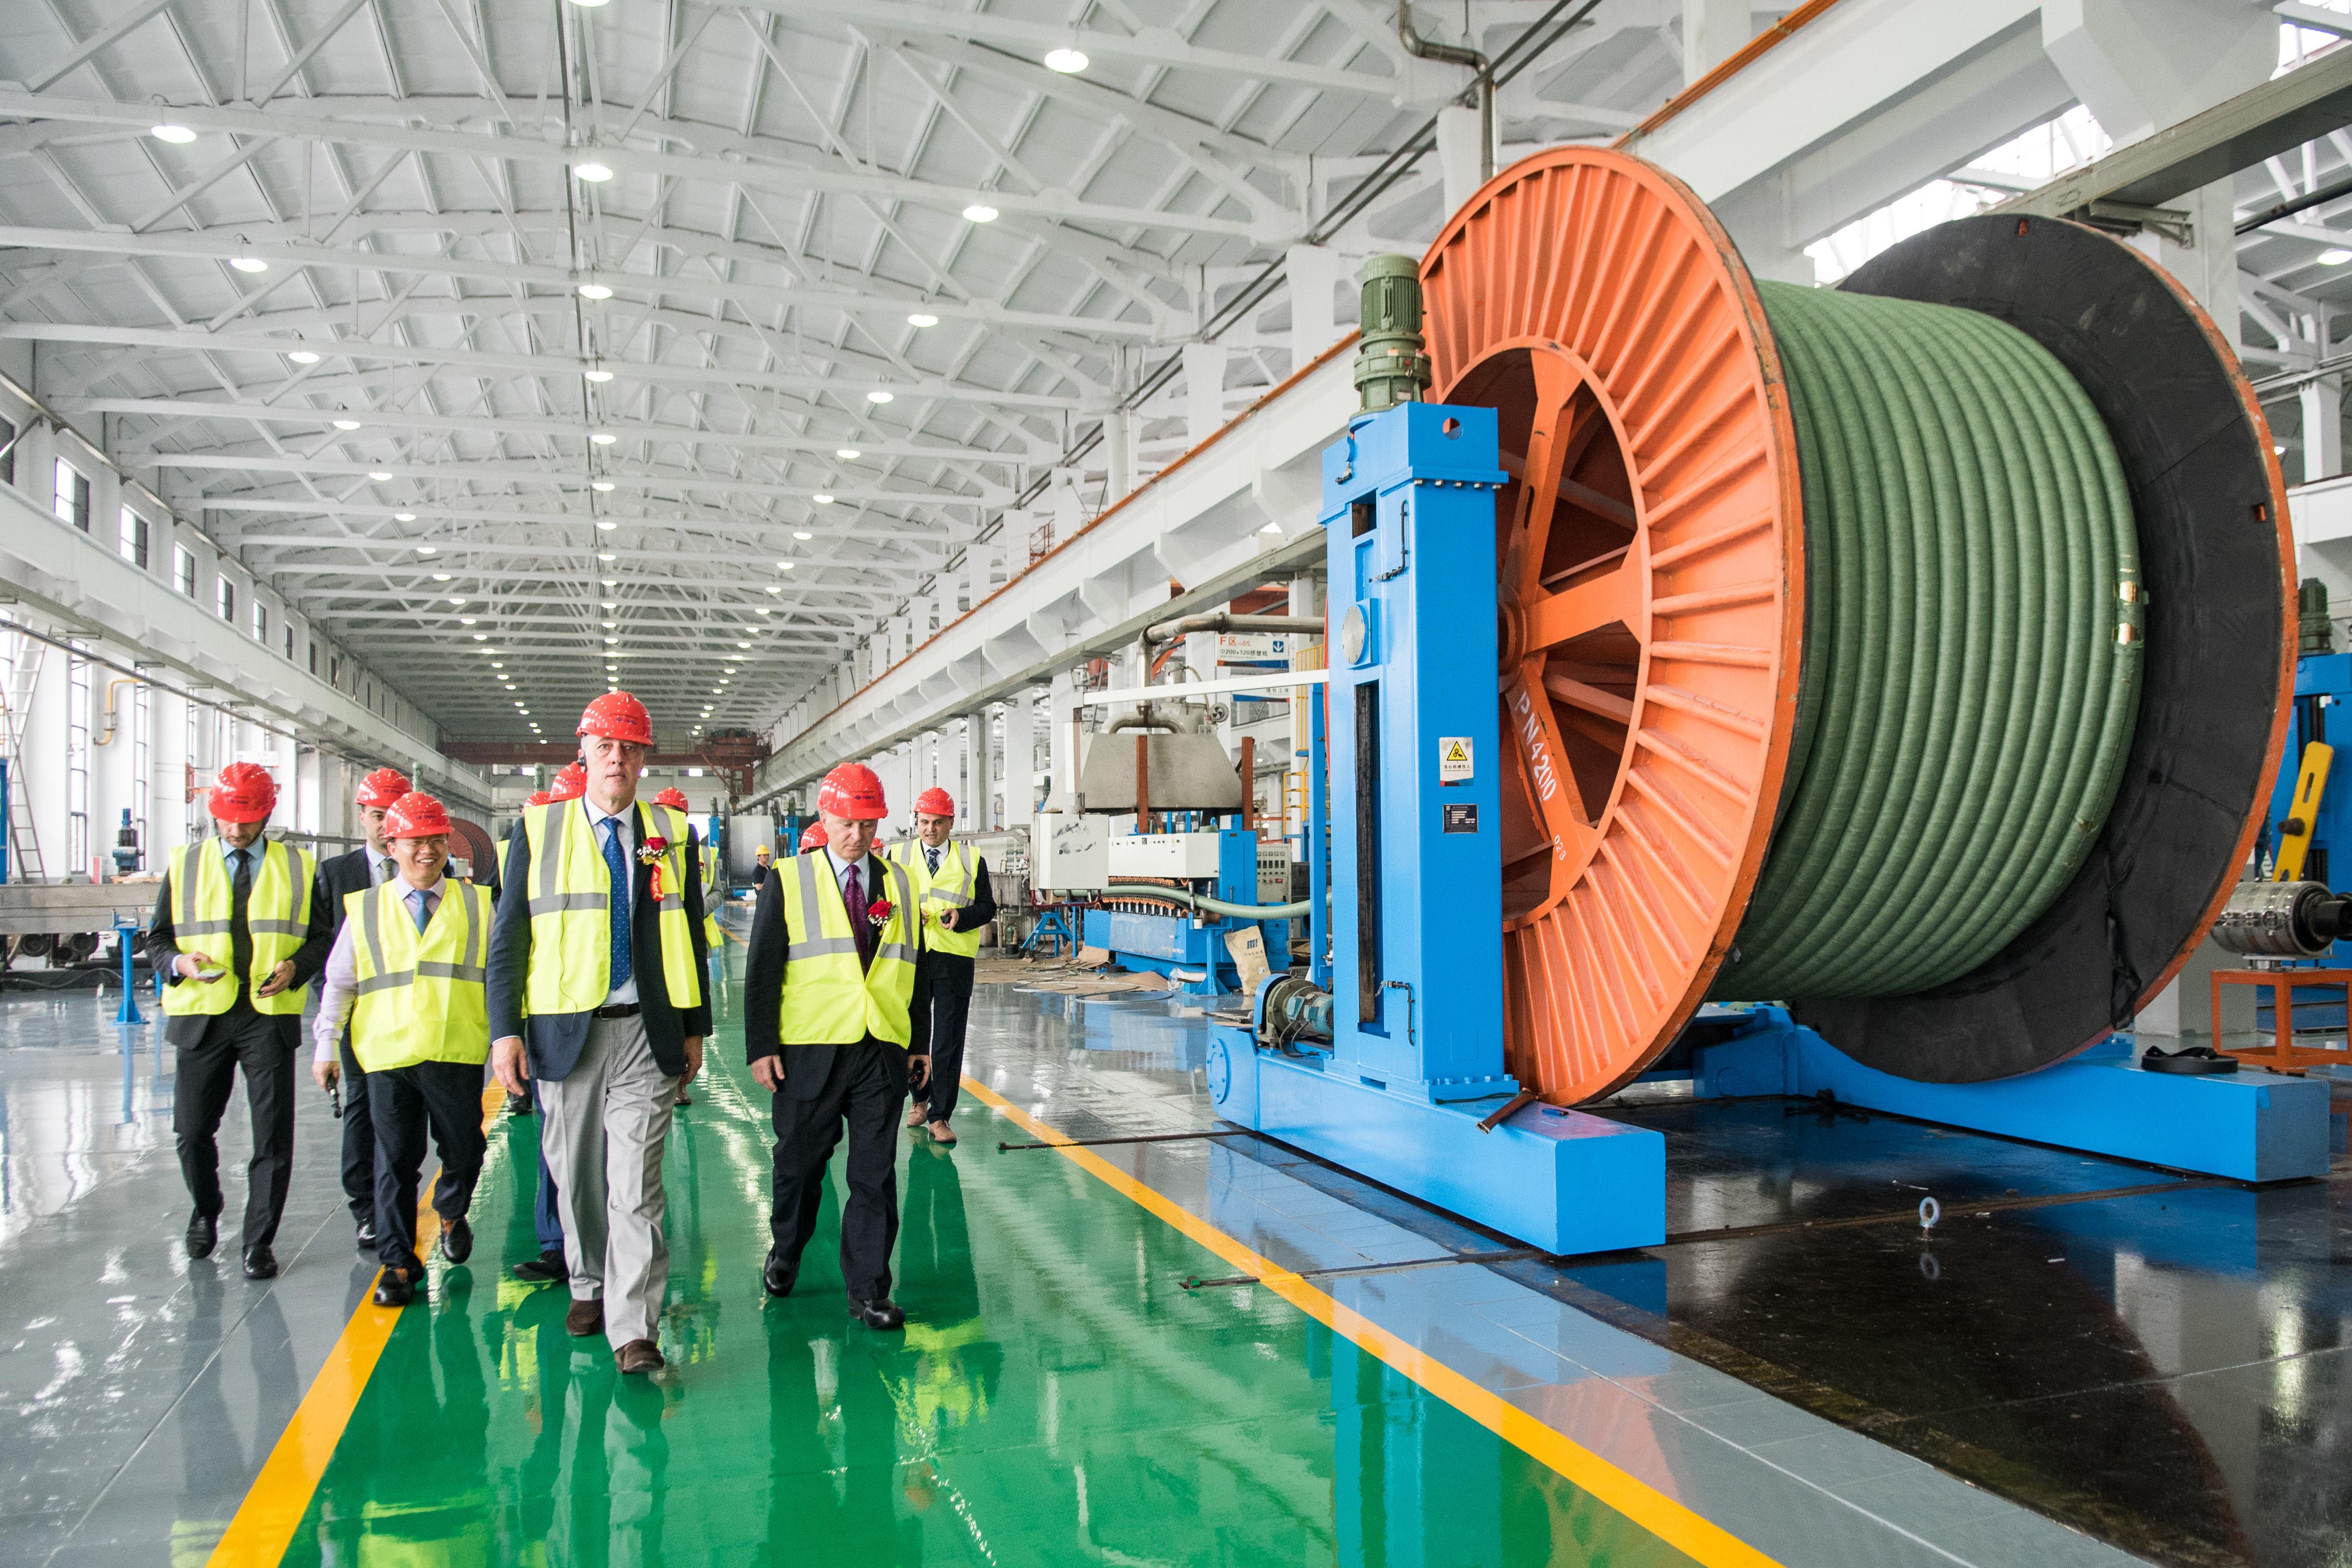 江苏普睿司曼科技有限公司在中国开始生产运营